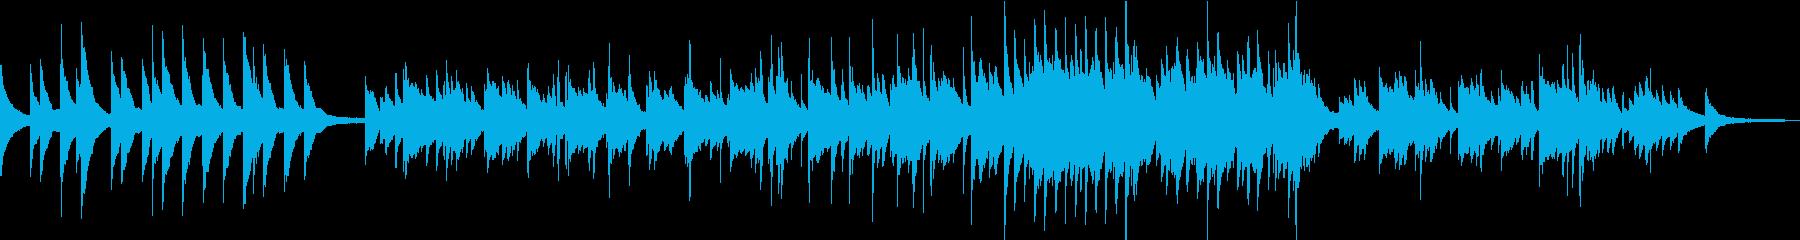 ピアノBGM 切ない映画のエンドロール の再生済みの波形